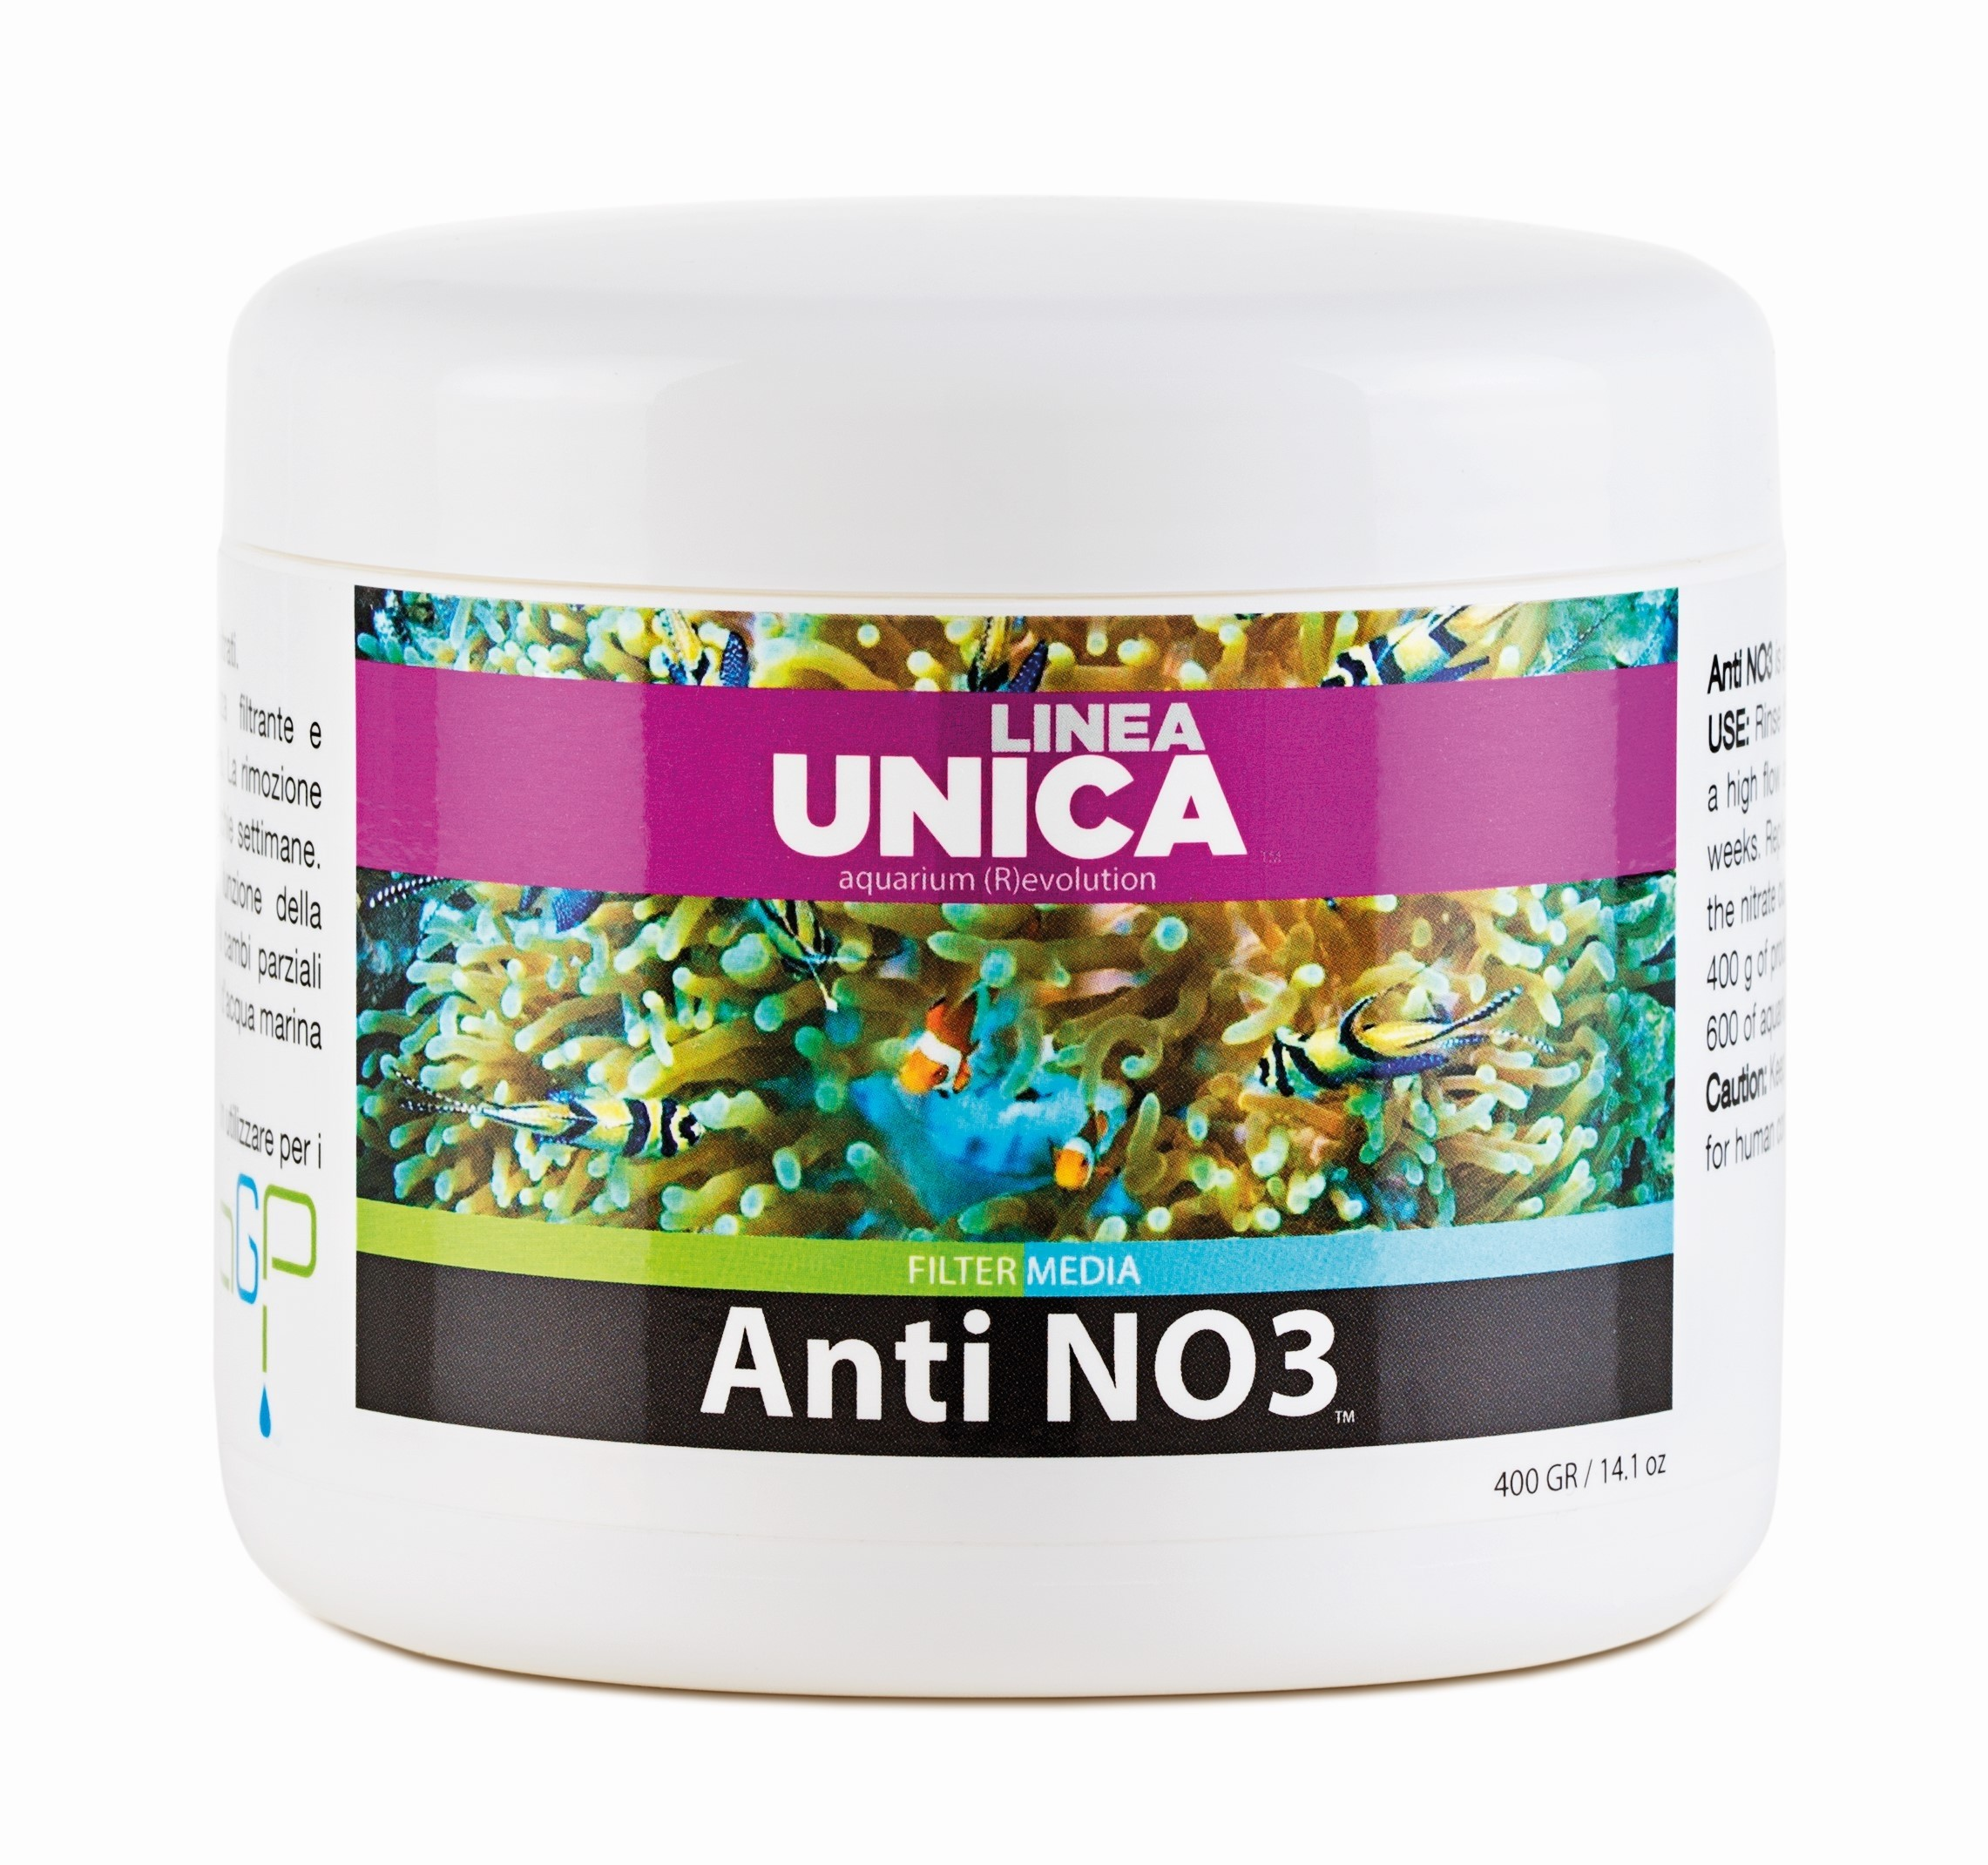 Anti NO3